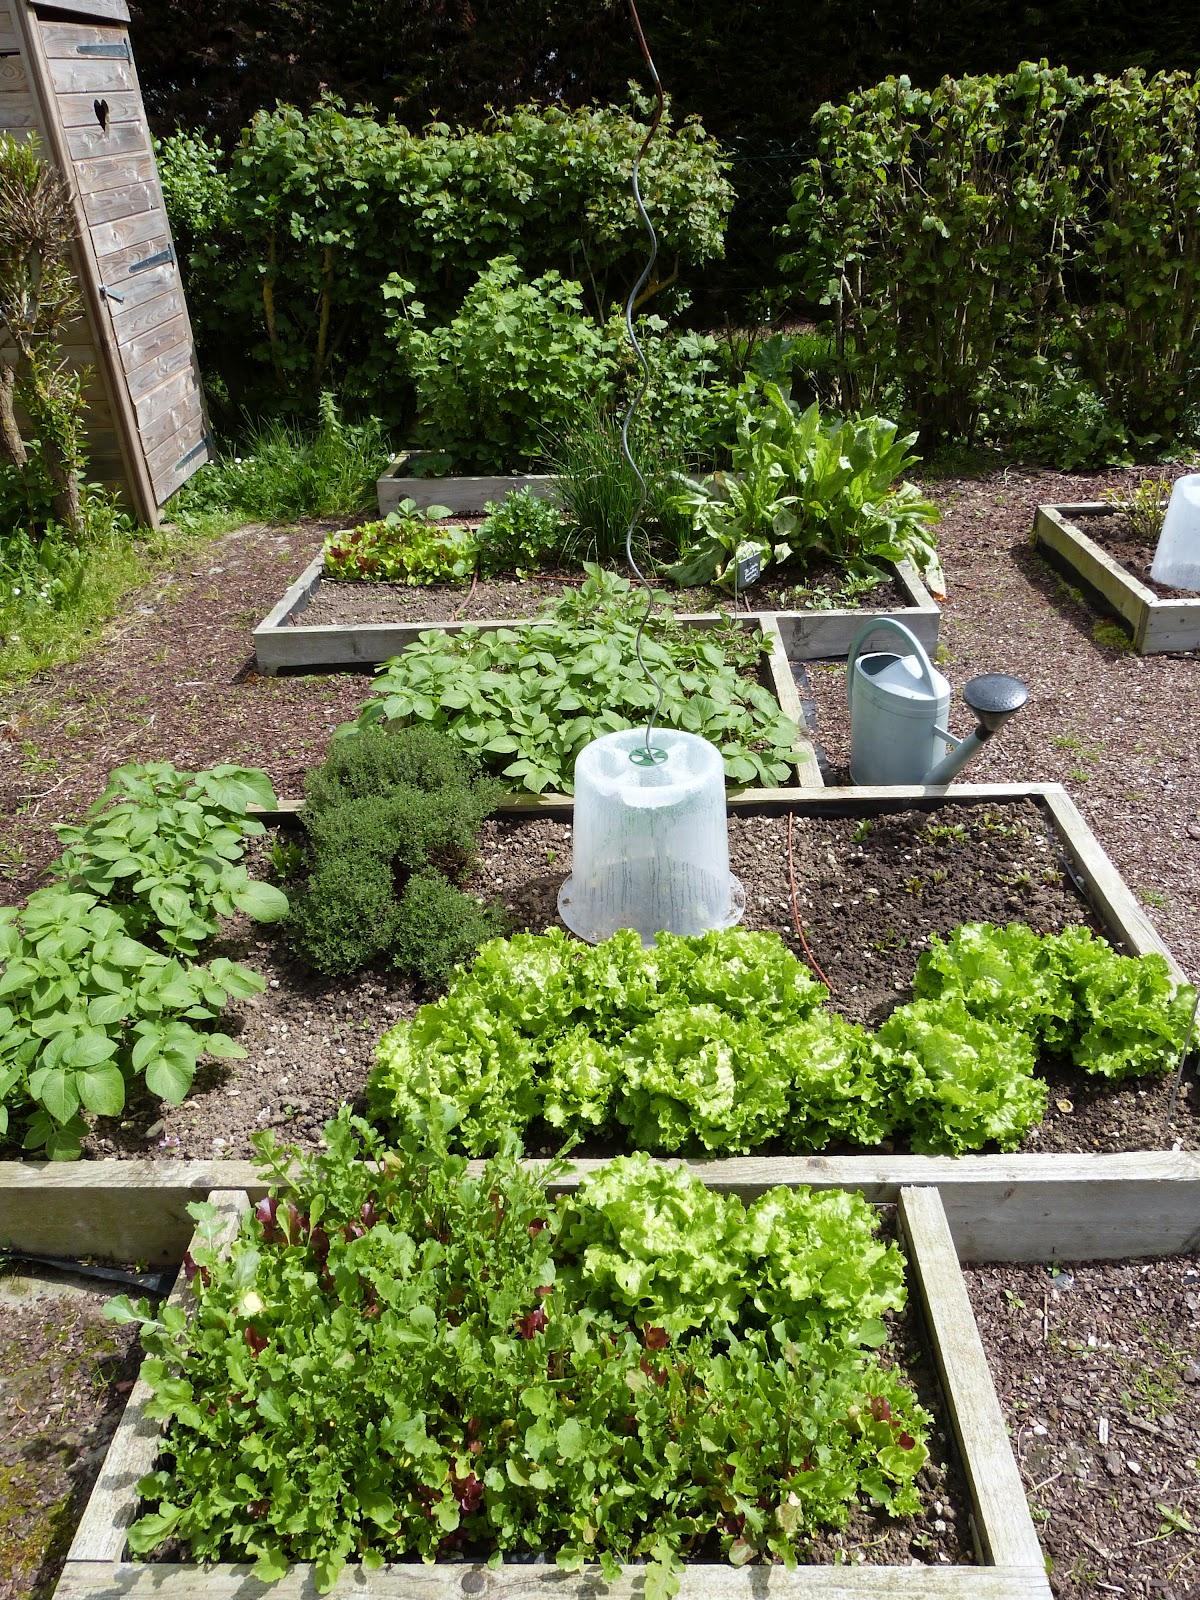 On verra au jardin des nouveaut s au potager en carr s - Que planter dans un carre potager ...